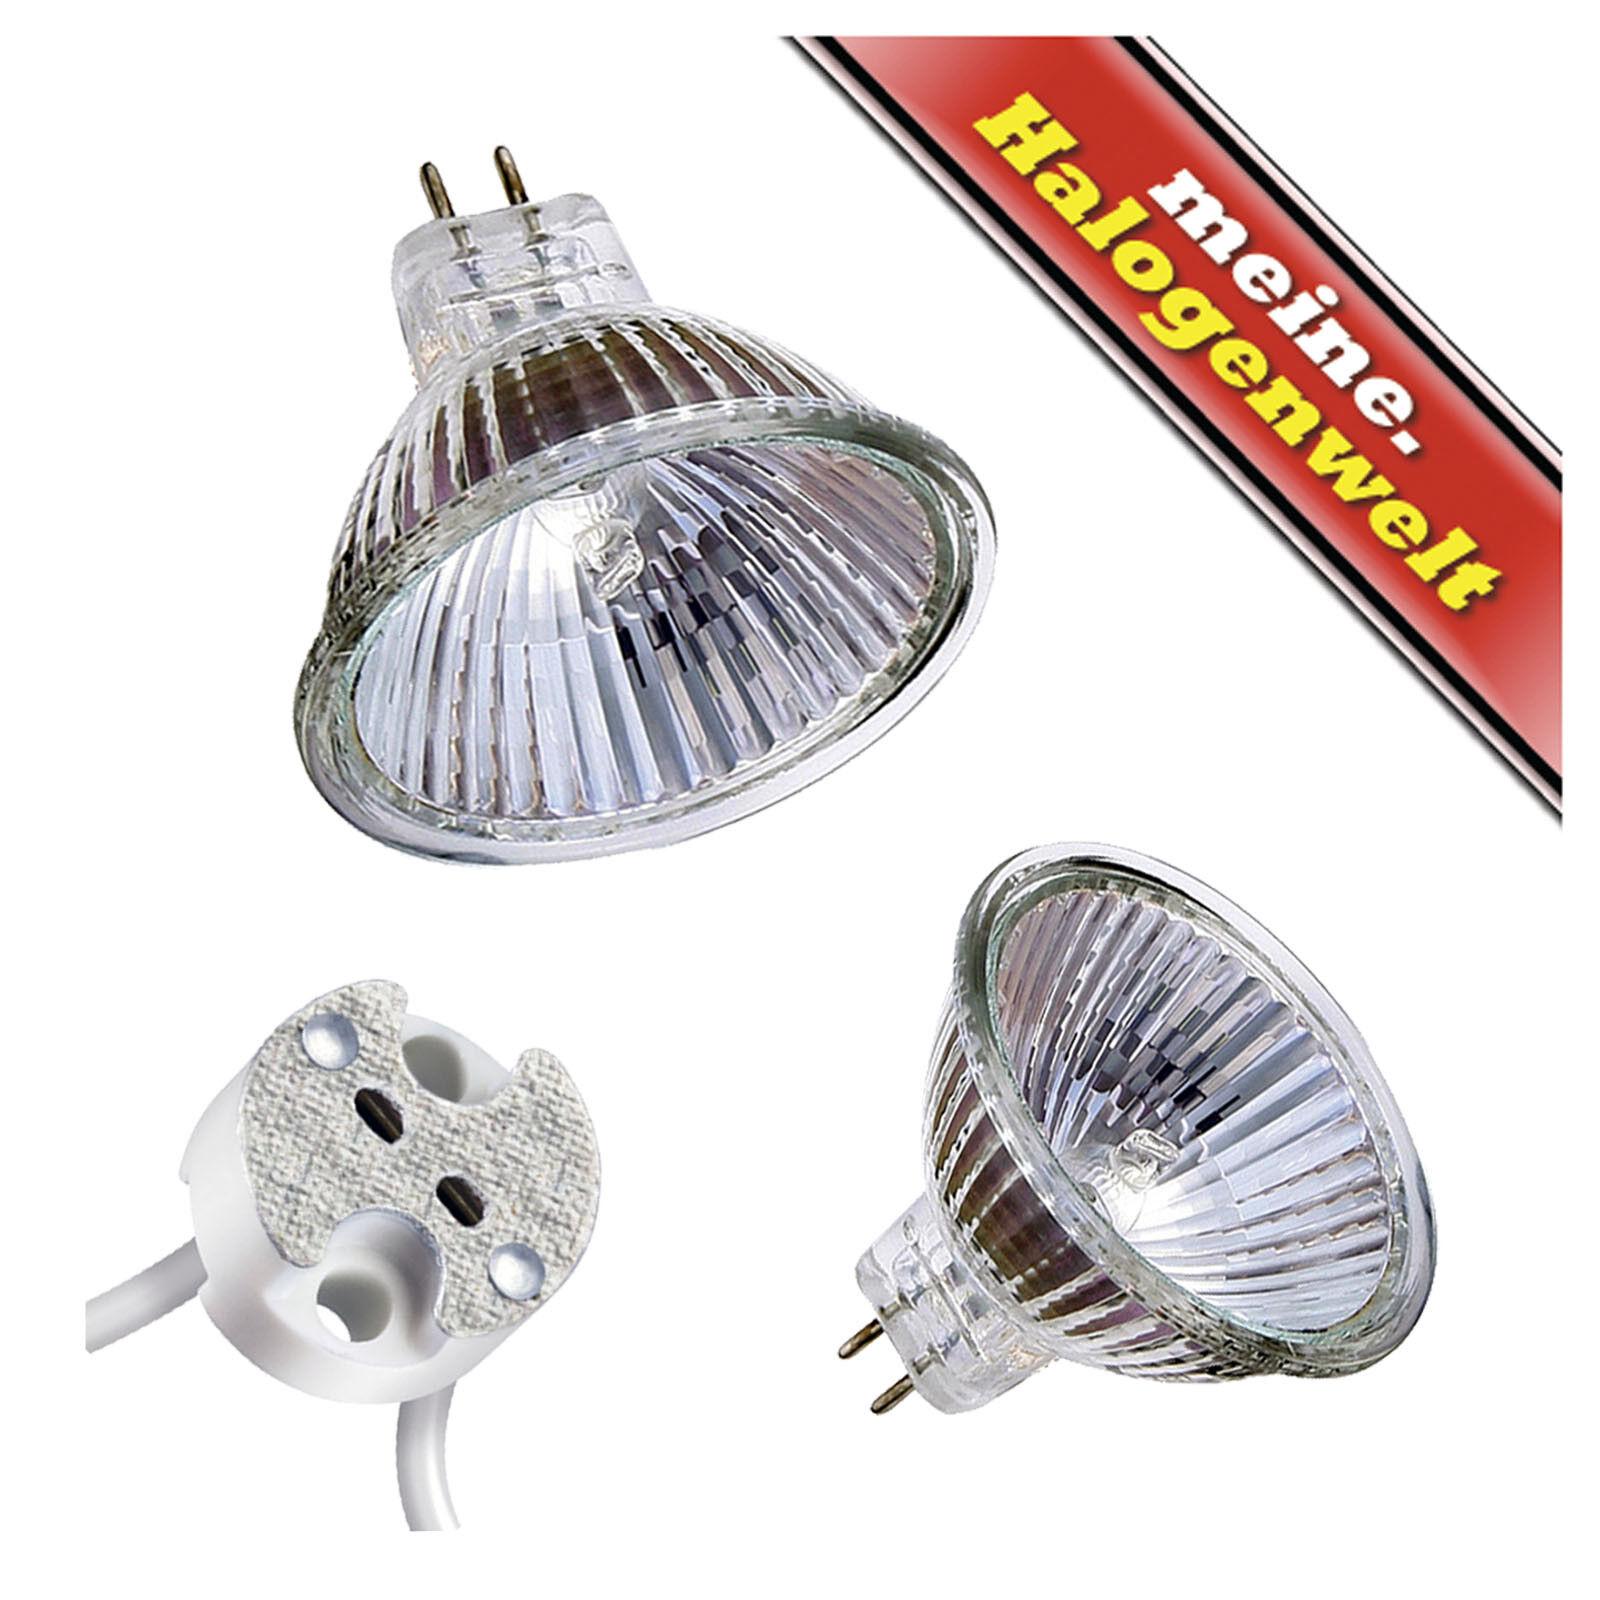 1-2-3-5-10-20 x Halogen-Leuchtmittel MR16 20W-35W-50W 12V GU5,3 Strahler Fassung